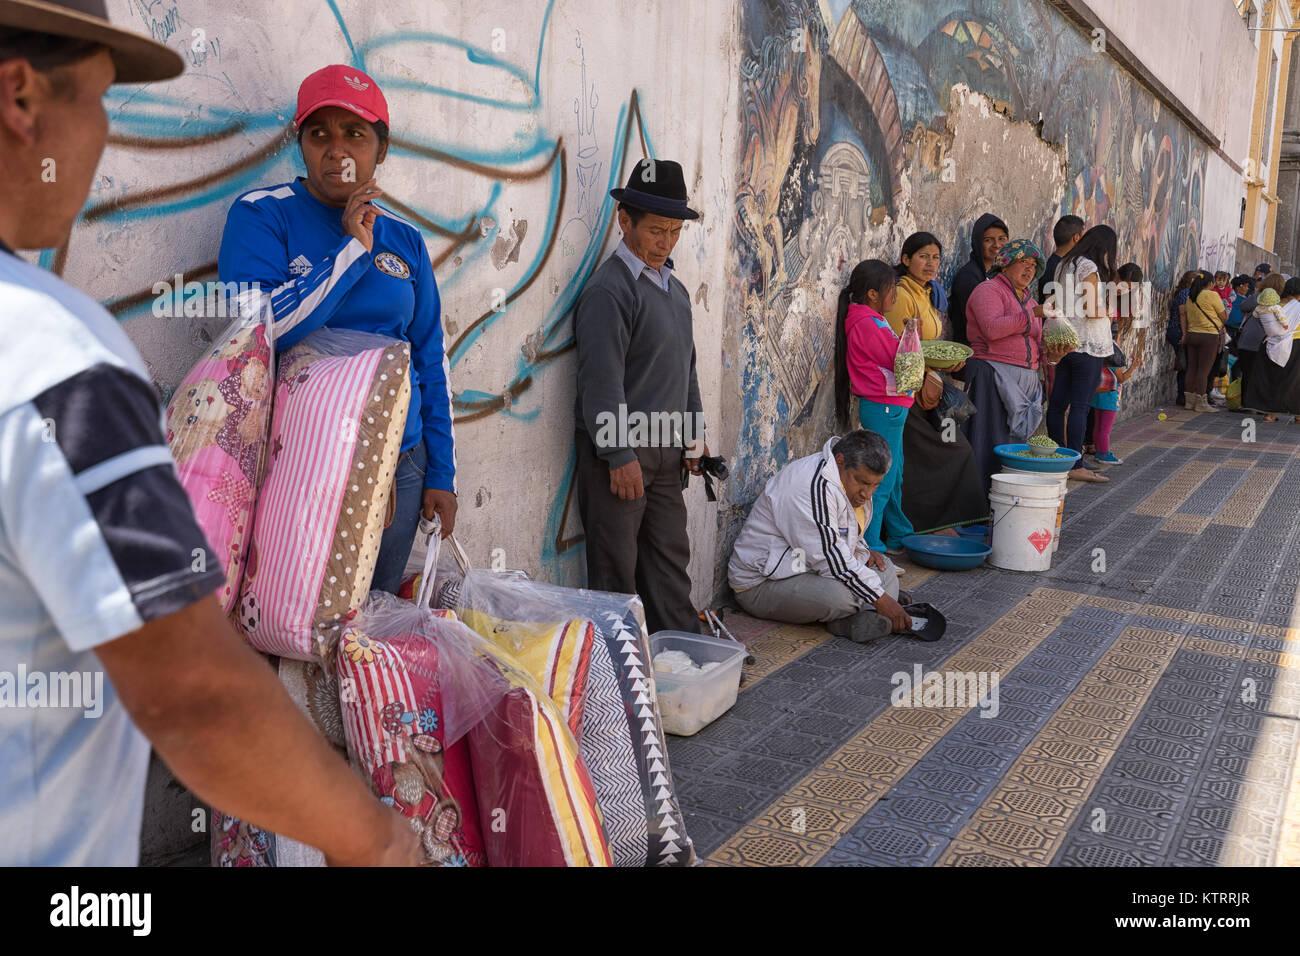 Otavalo, Ecuador-December 23, 2017:les gens se refroidissant à l'ombre sur une chaude journée Photo Stock